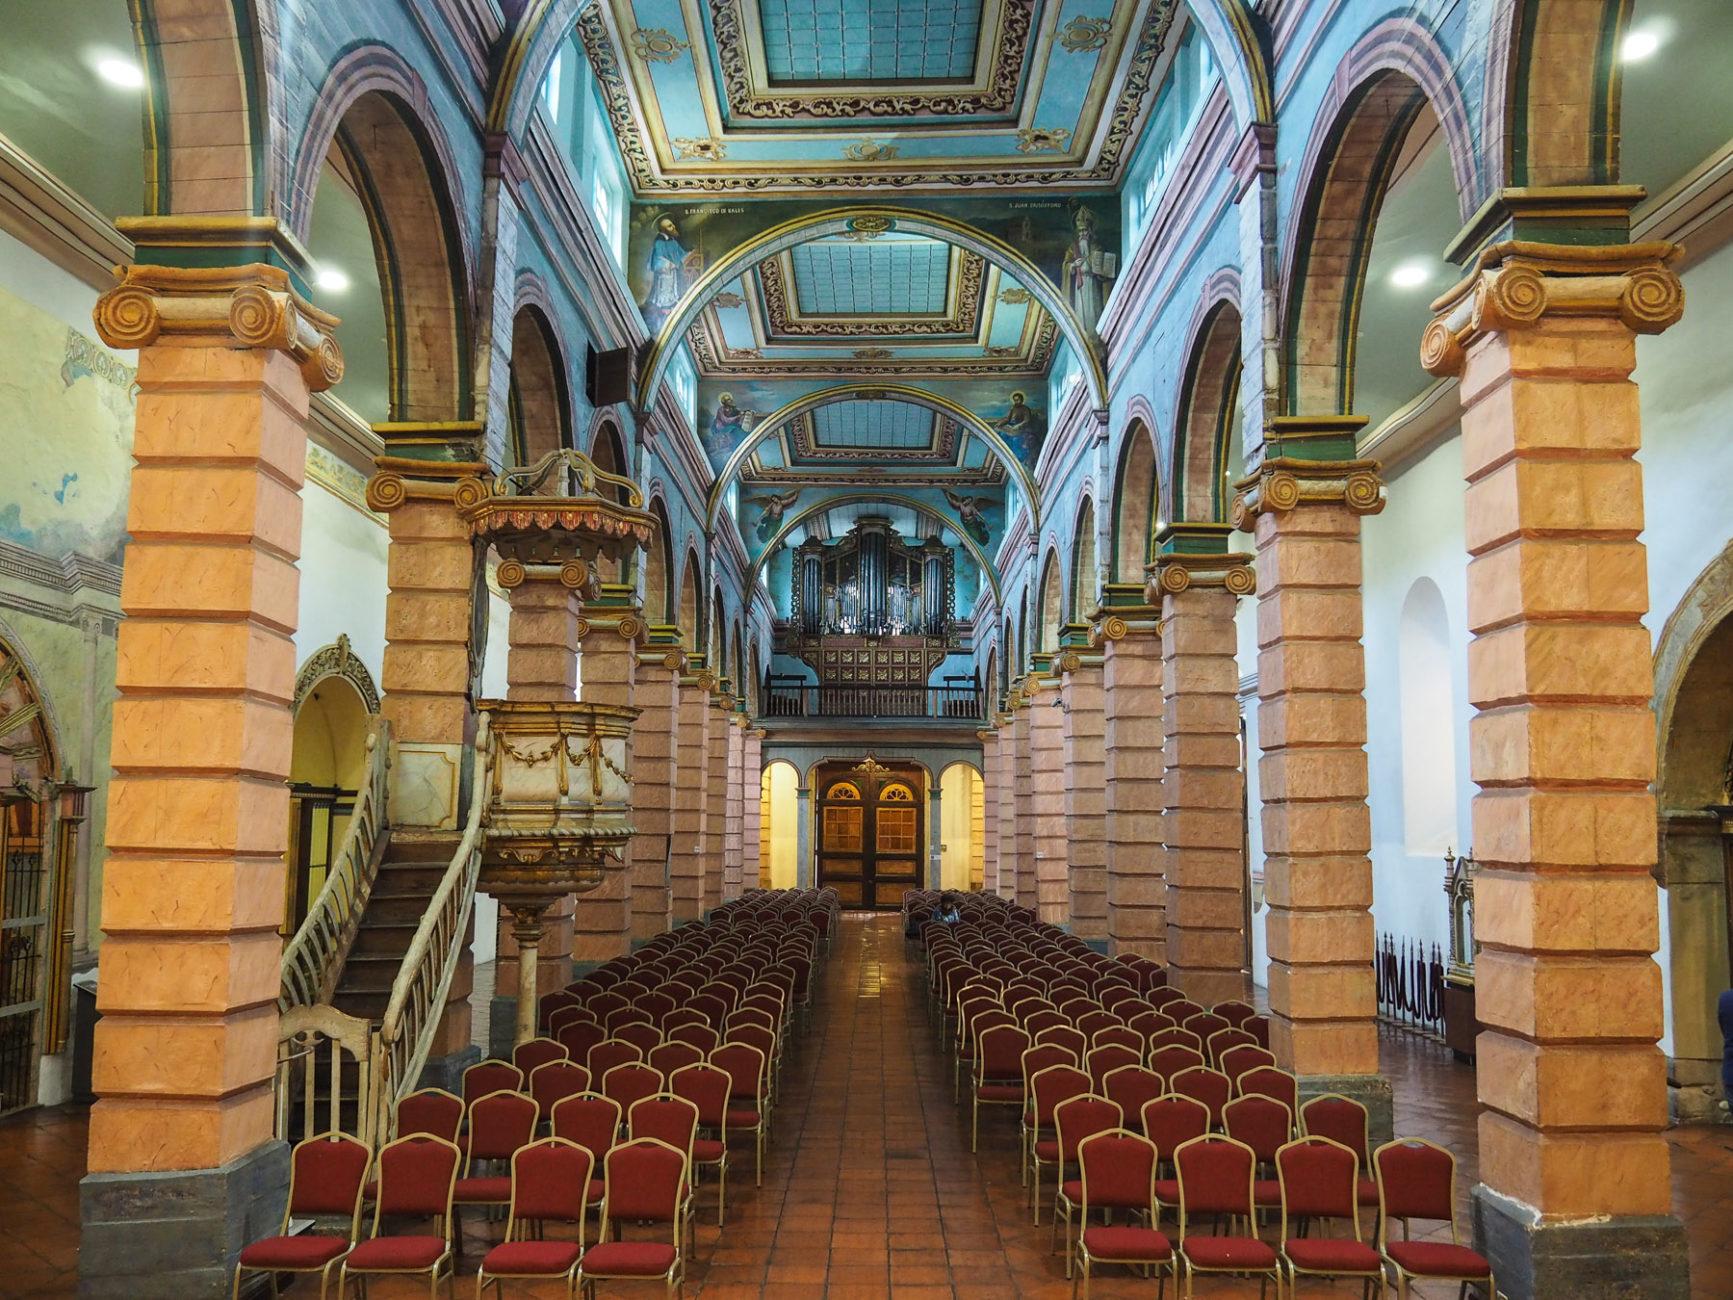 Der Innenraum der alten Kathedrale